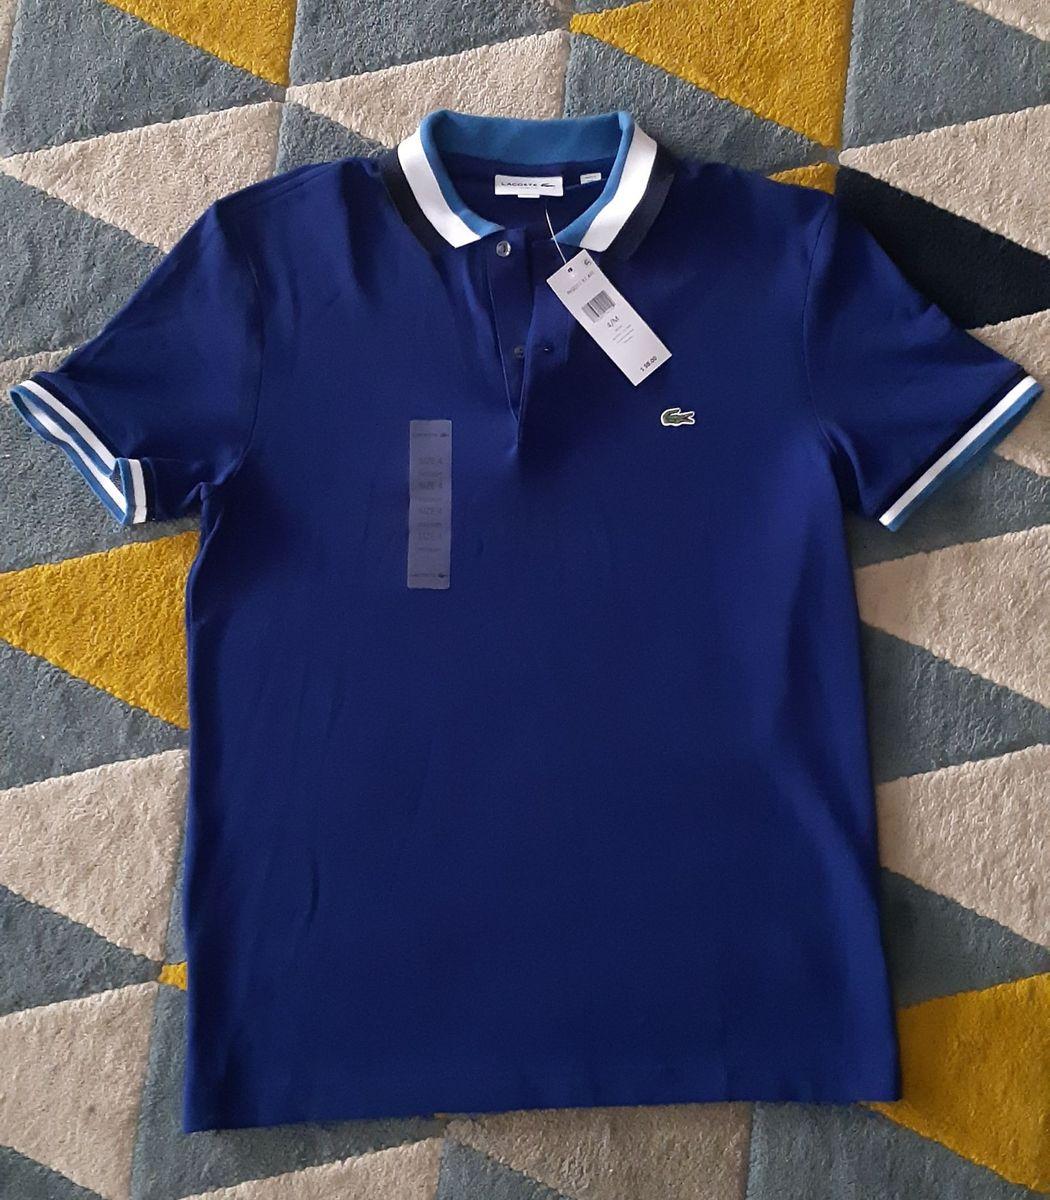 camisa lacoste azul nova - camisas lacoste.  Czm6ly9wag90b3muzw5qb2vplmnvbs5ici9wcm9kdwn0cy85ndkxnti1l2ywzmixyznlmji4yzm2mzrhzgfmngi1yjllmzmxnjmwlmpwzw  ... 35066dd69e